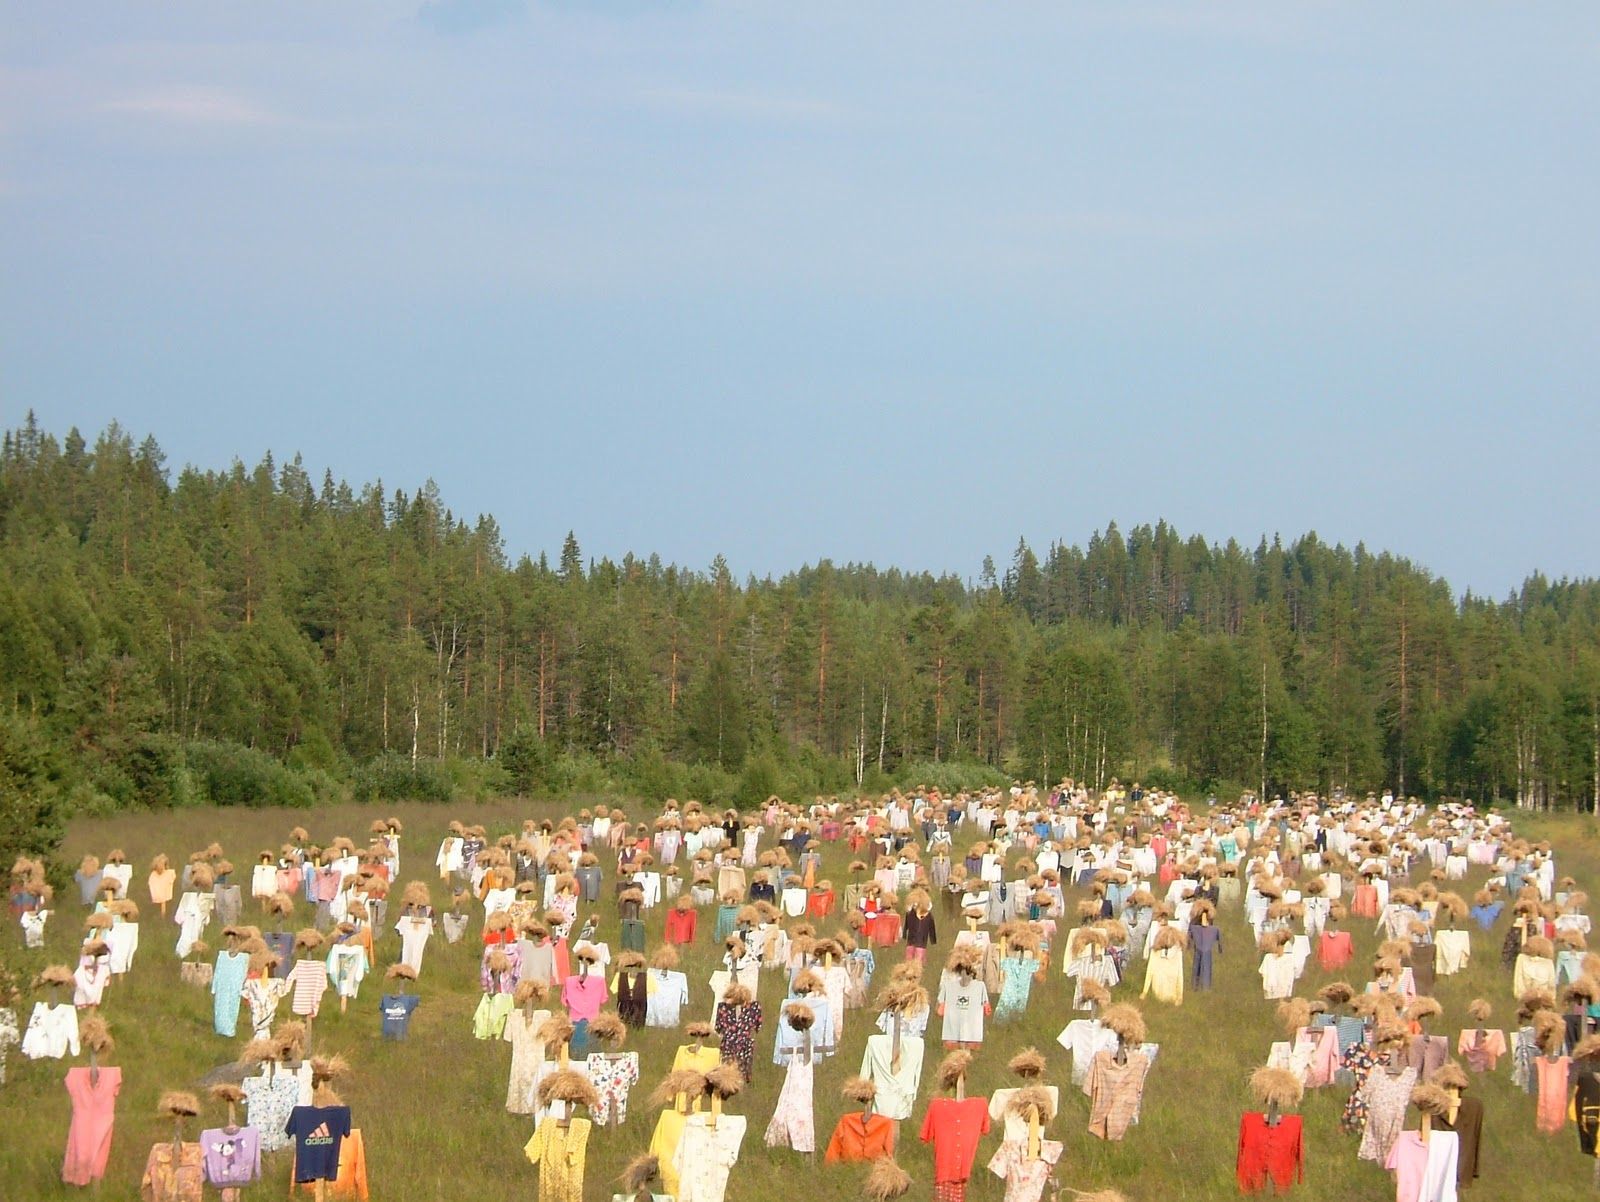 Putnubiedēkļi ar velēngalvām. Somija 2009.